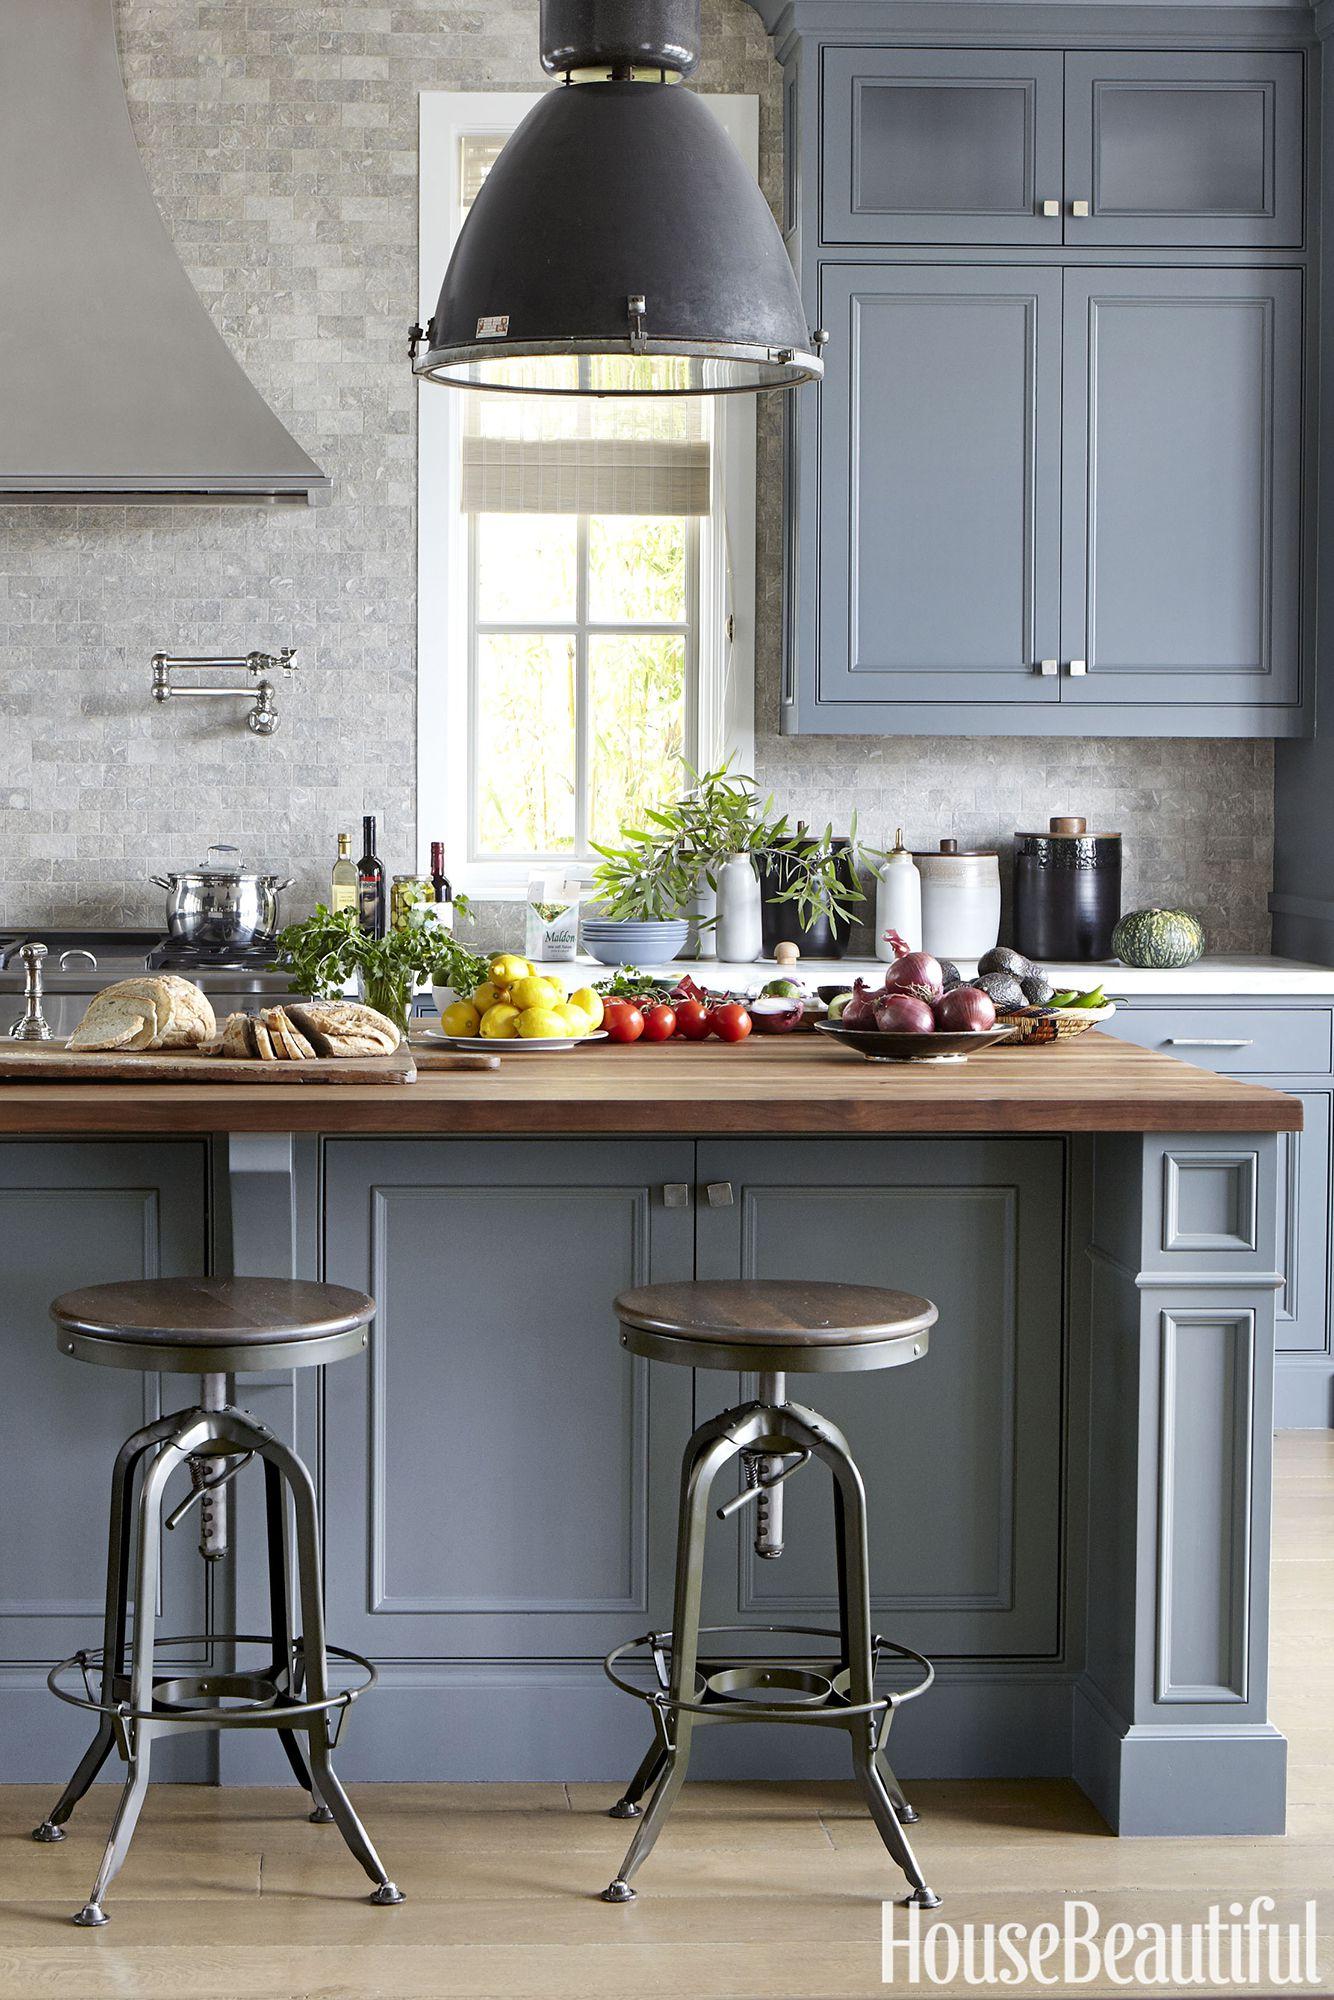 Best Paint Colors - Ideas for Choosing Home Paint Color